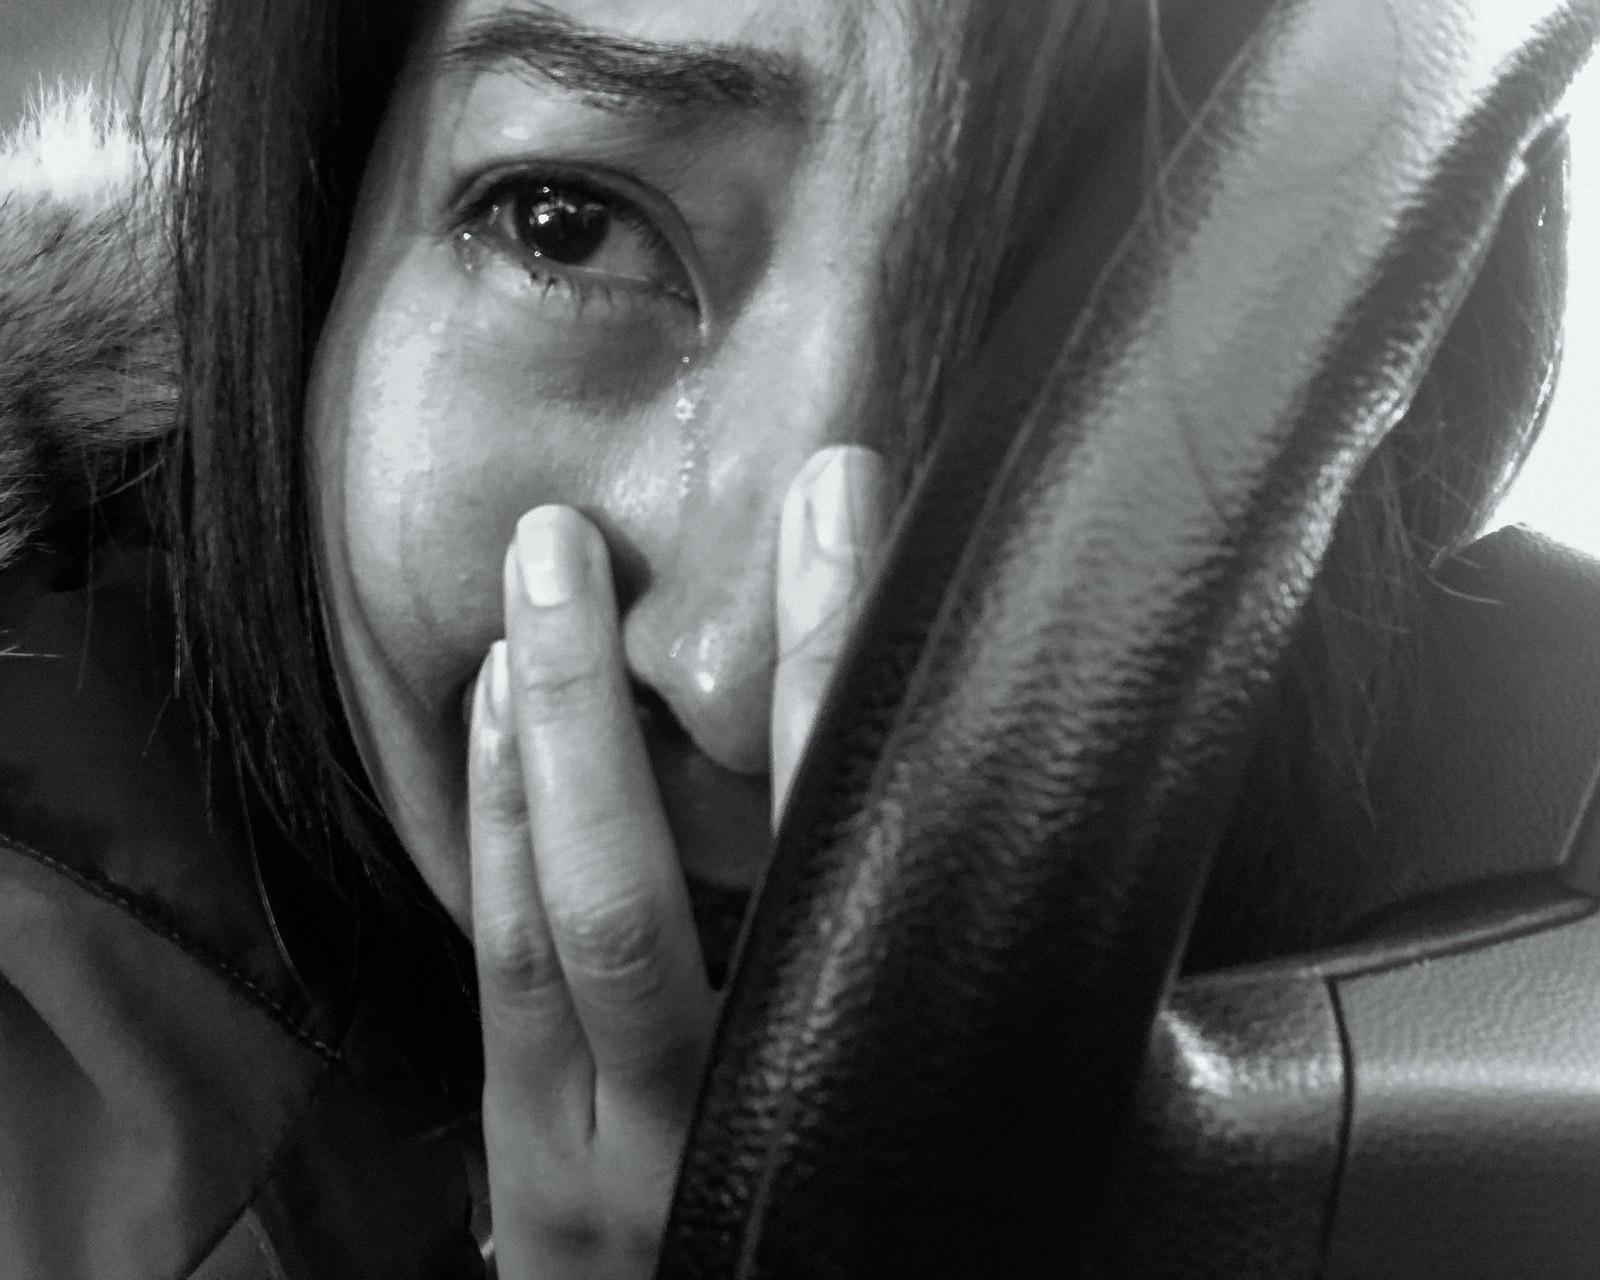 Nữ y tá bị cưỡng hiếp: Vỡ vụn vì bị cưỡng bức, tôi đã cầm đến chiếc máy ảnh - Ảnh 2.